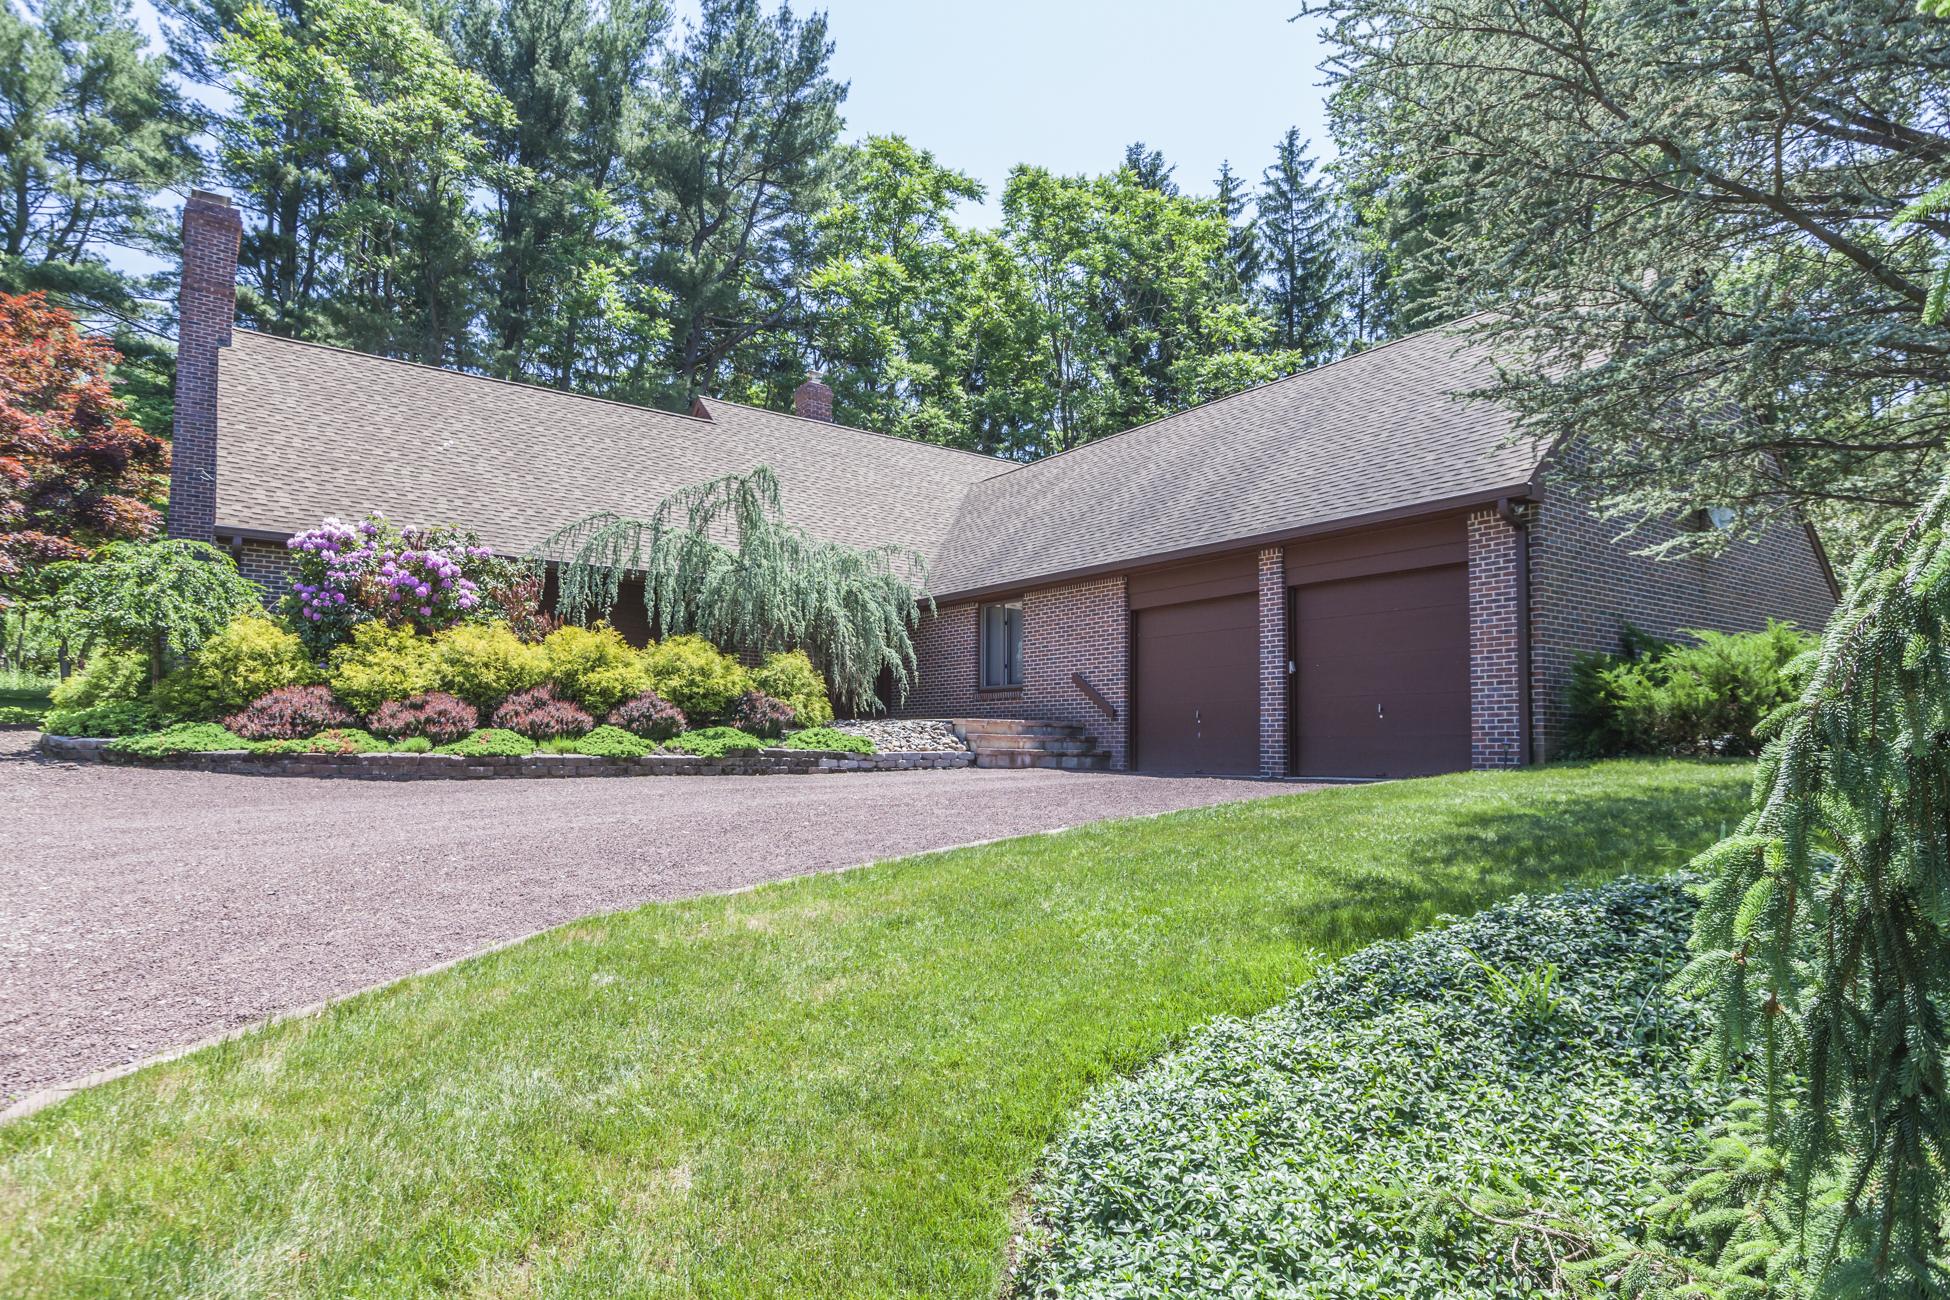 Maison unifamiliale pour l Vente à Sophisticated Princeton Contemporary 46 Florence Lane Princeton, New Jersey 08540 États-Unis